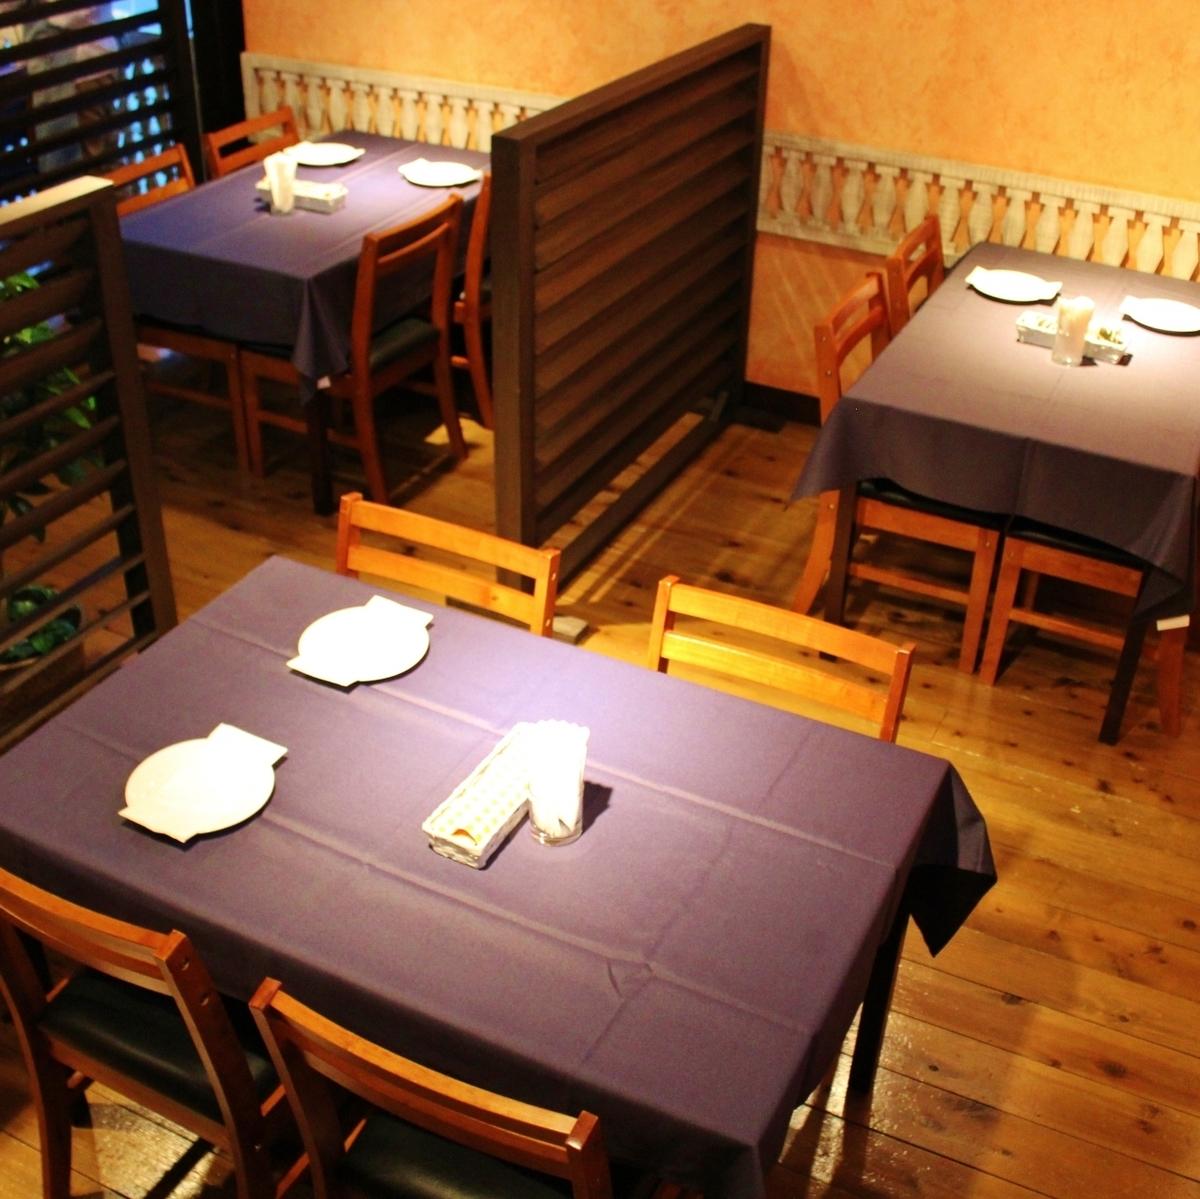 4 명 테이블을 분할로 도약 하거든 반개 인실에 ♪ 차분하게 식사를 즐기 째 있습니다.